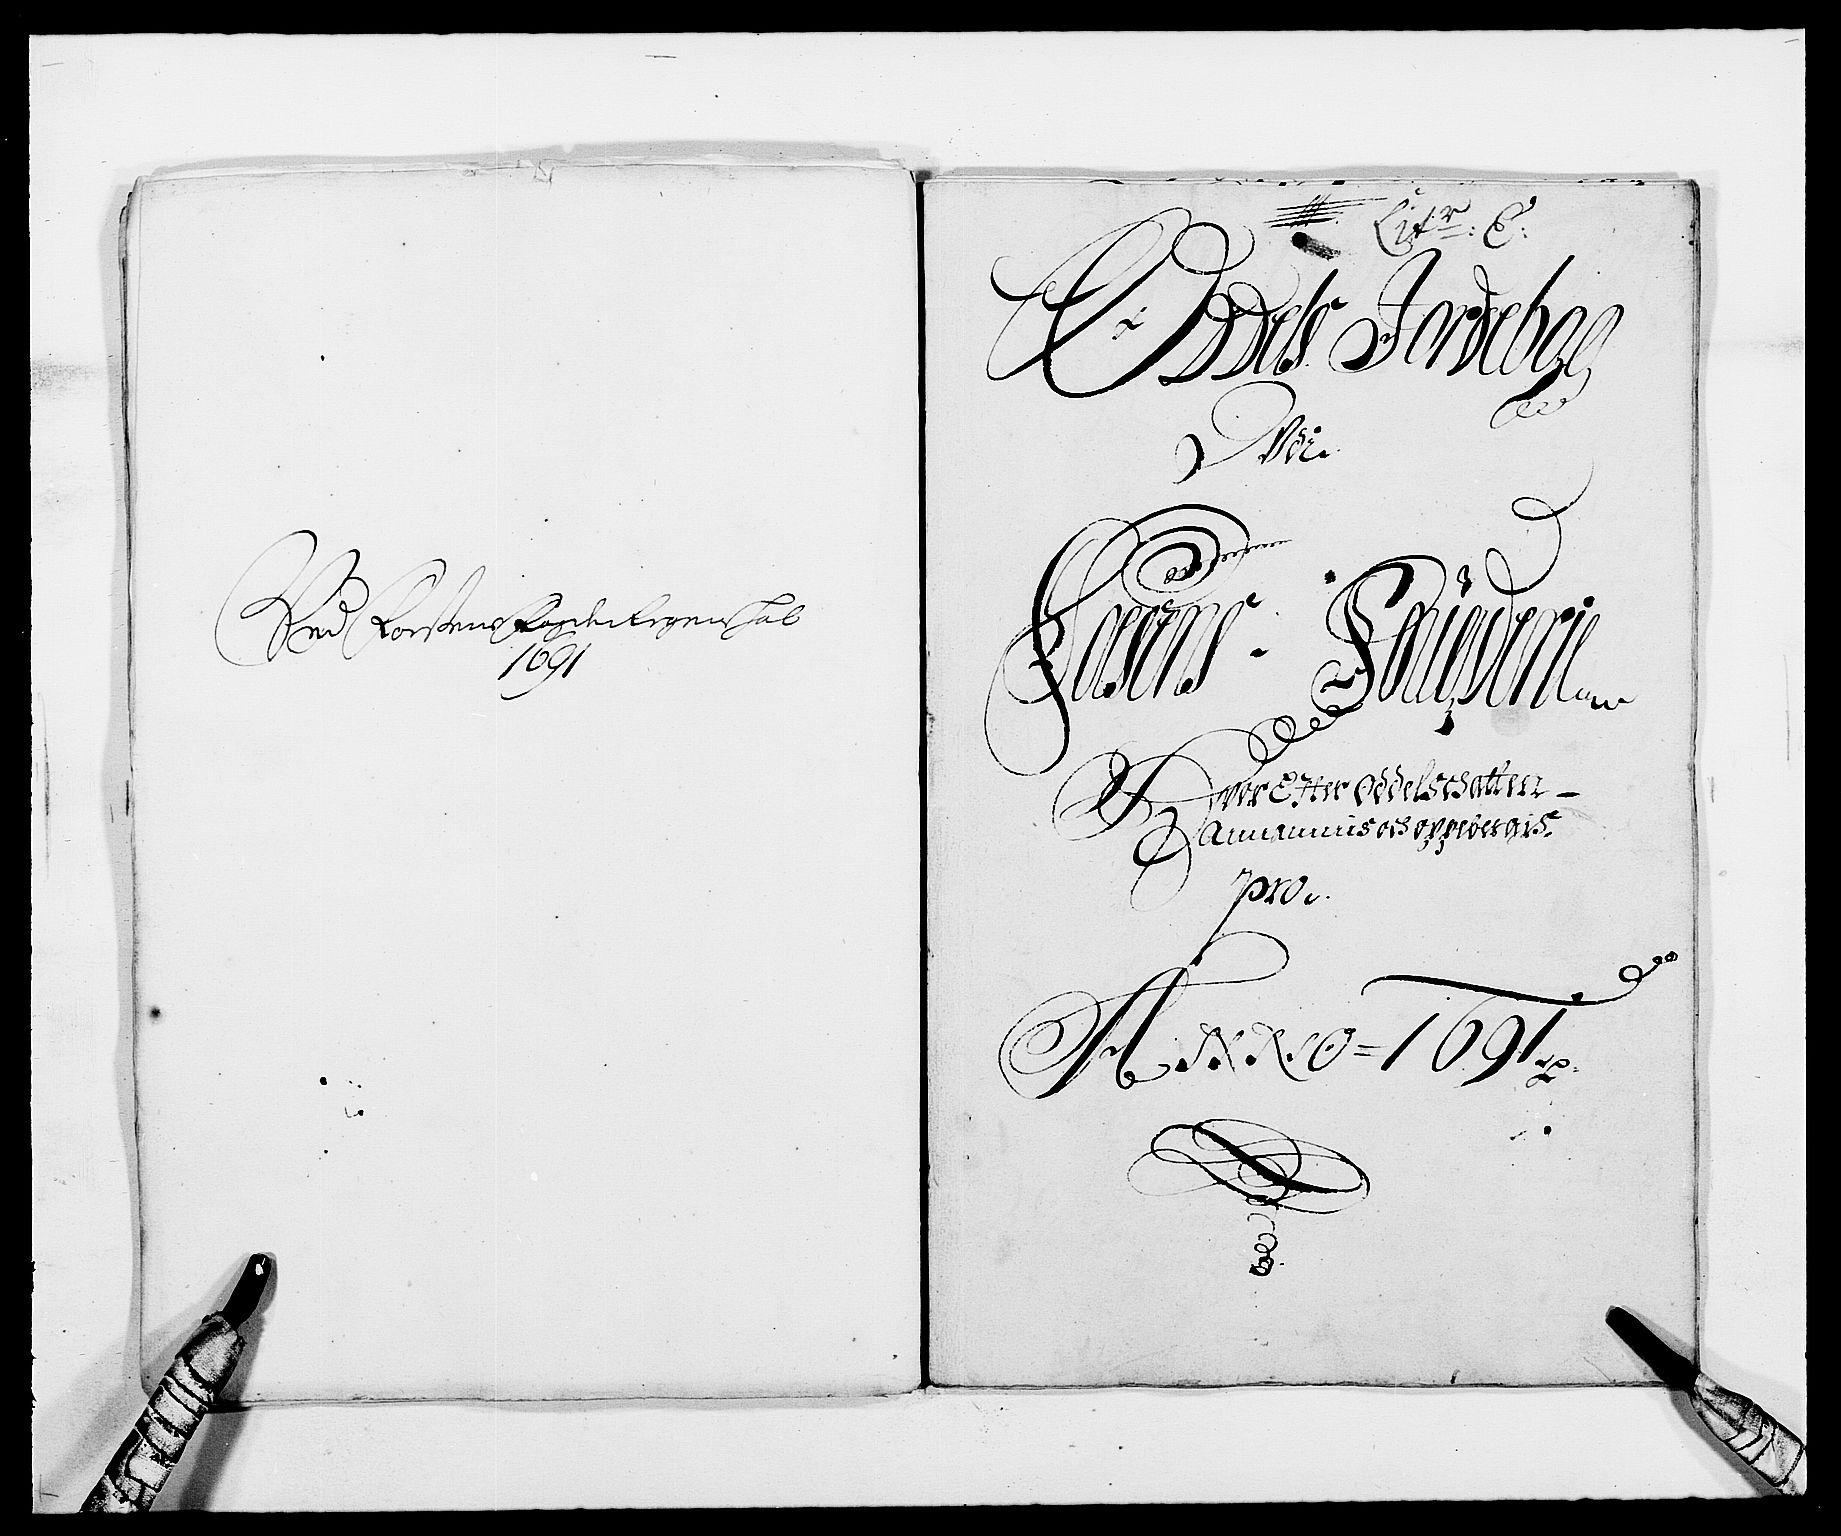 RA, Rentekammeret inntil 1814, Reviderte regnskaper, Fogderegnskap, R57/L3848: Fogderegnskap Fosen, 1690-1691, s. 226